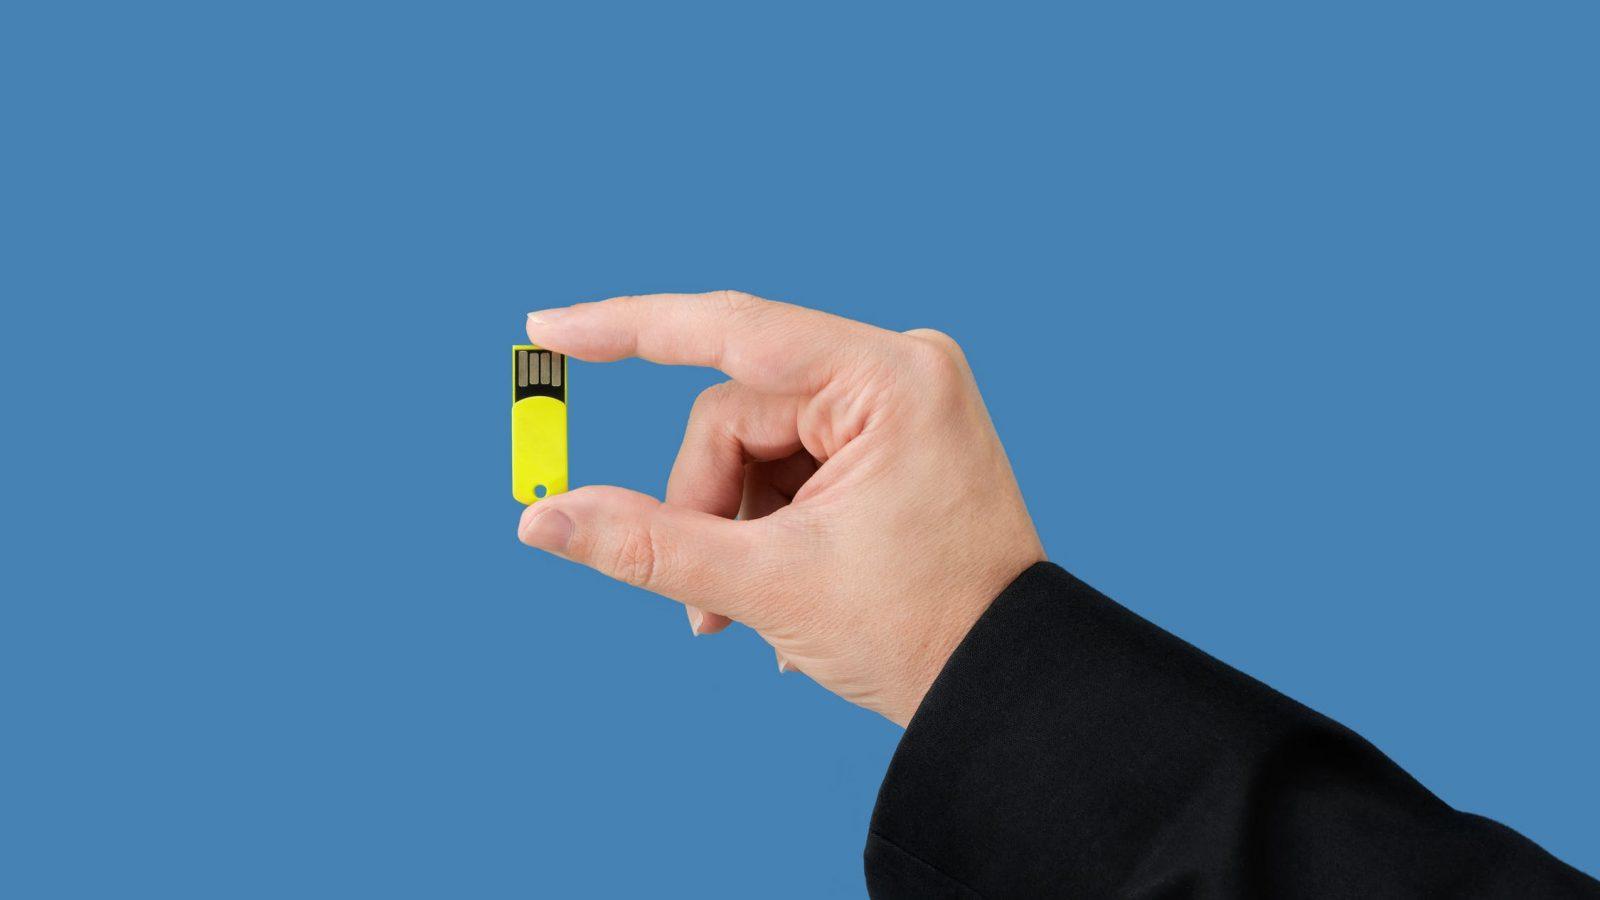 beste USB stick van 2020 getest